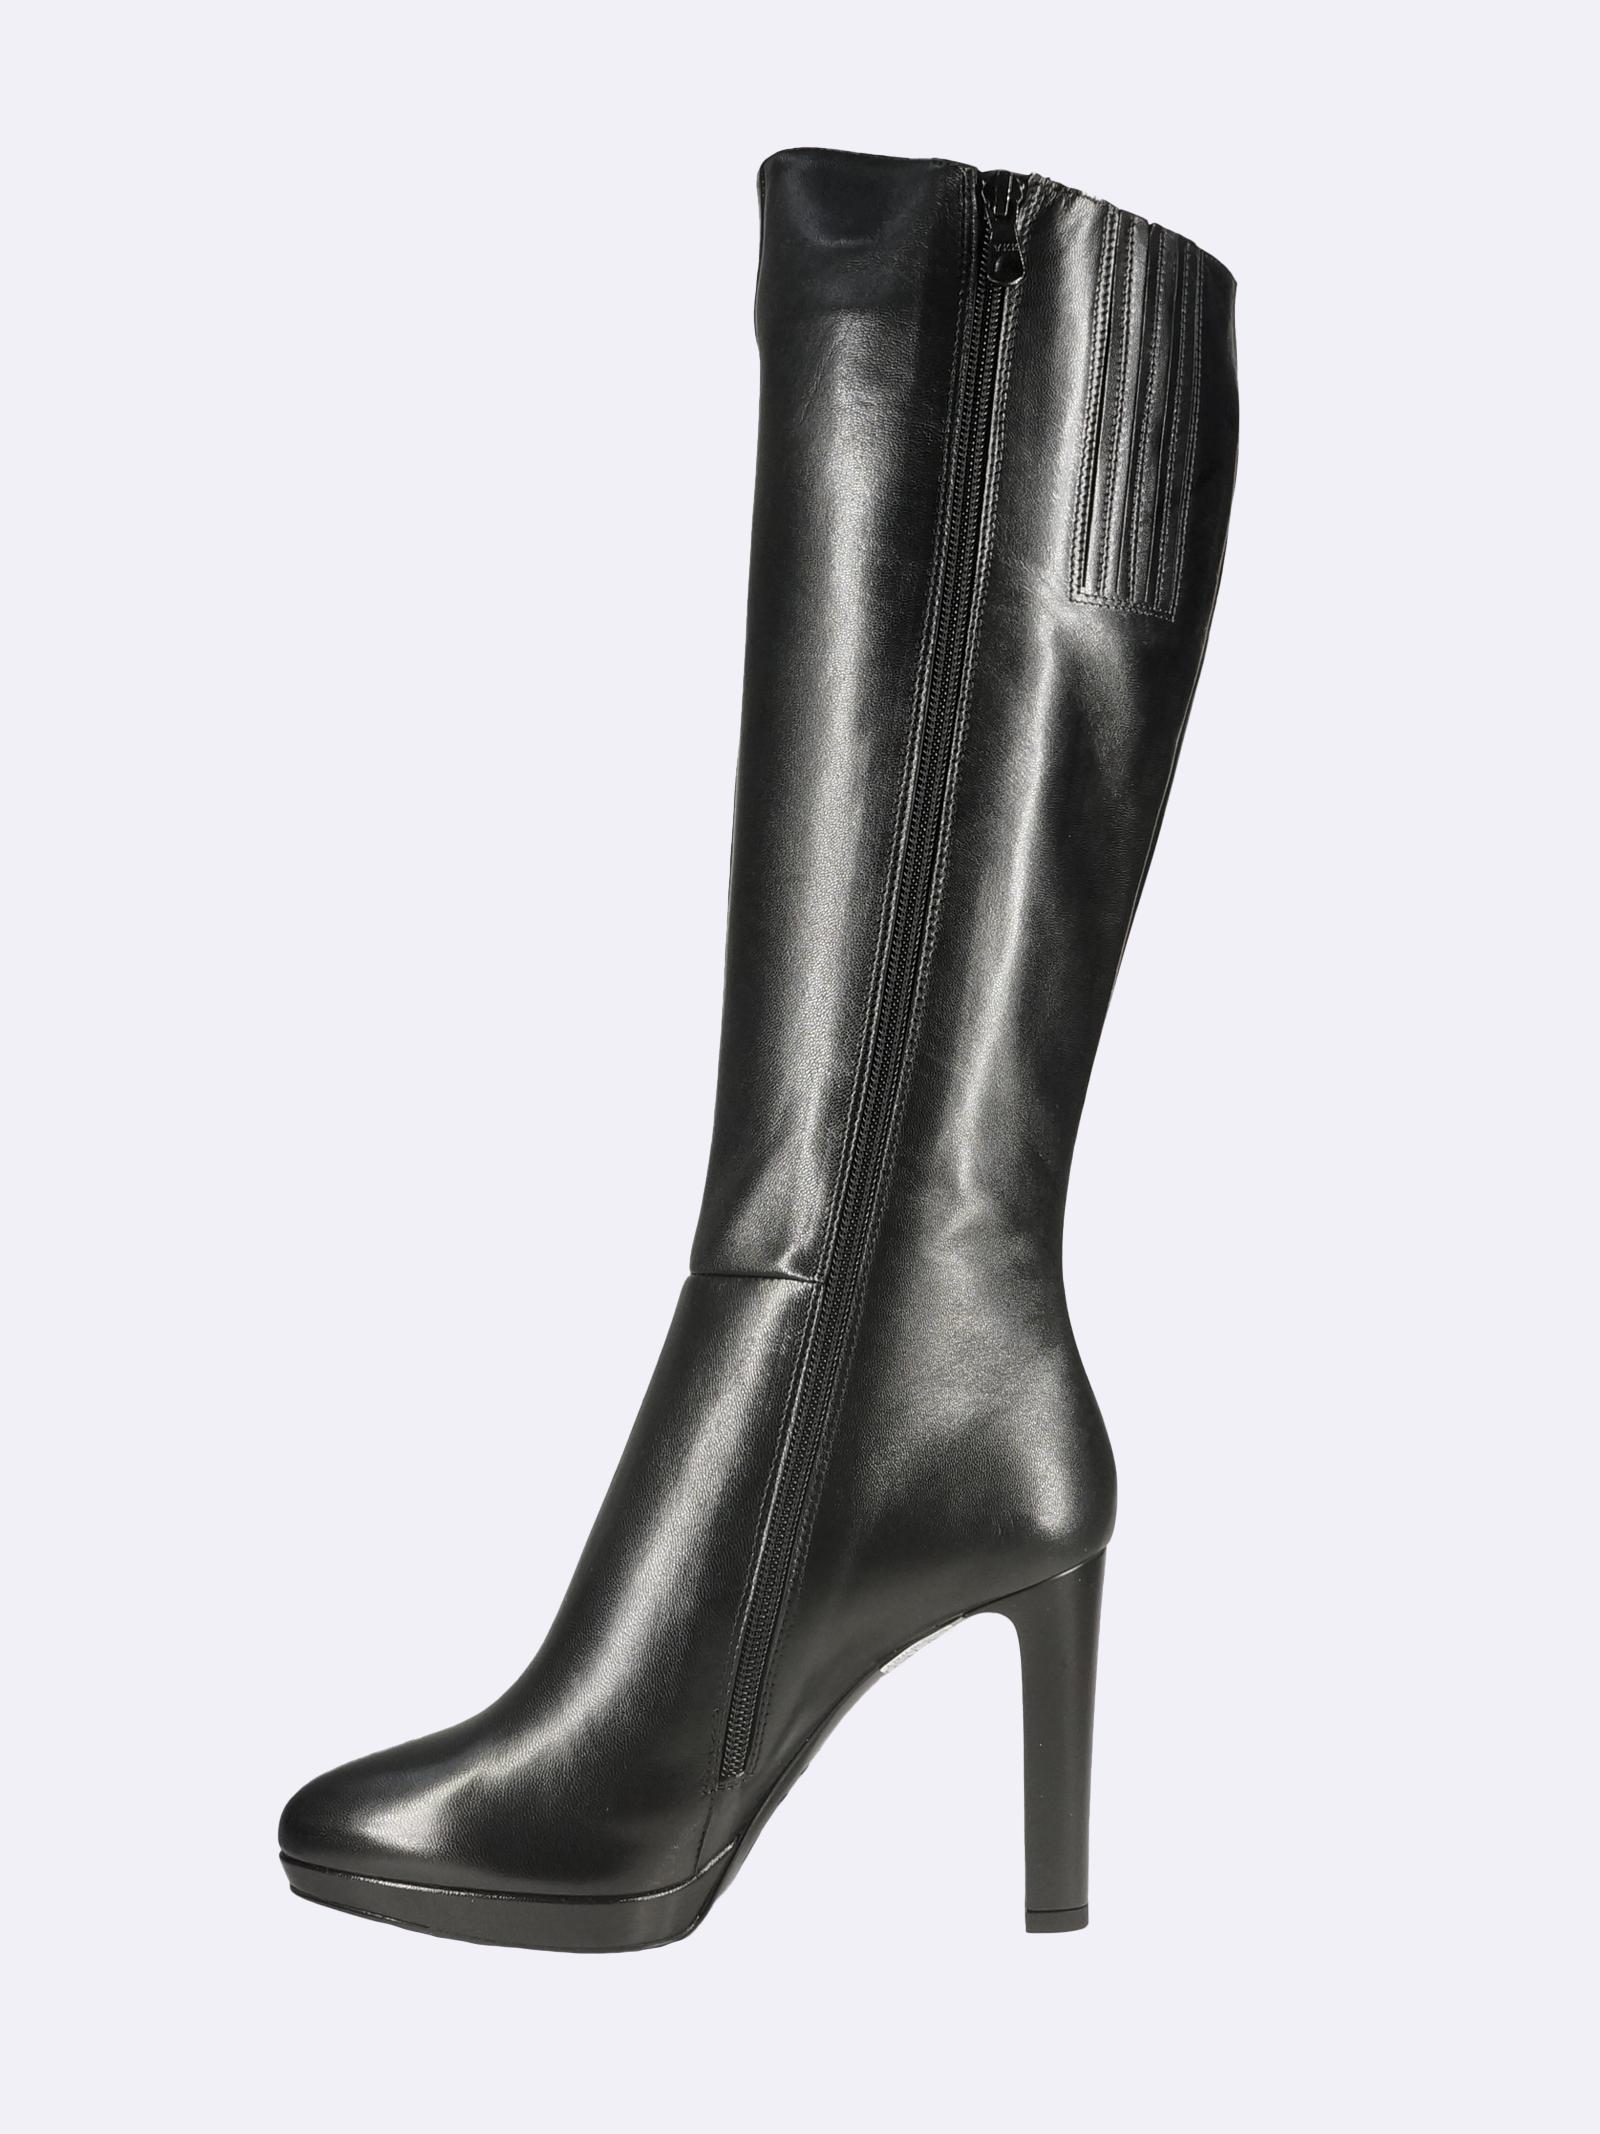 Stivali Donna in Pelle Nera Tacco Alto e Plateau Nero Giardini | Stivali | I117252DENERO100